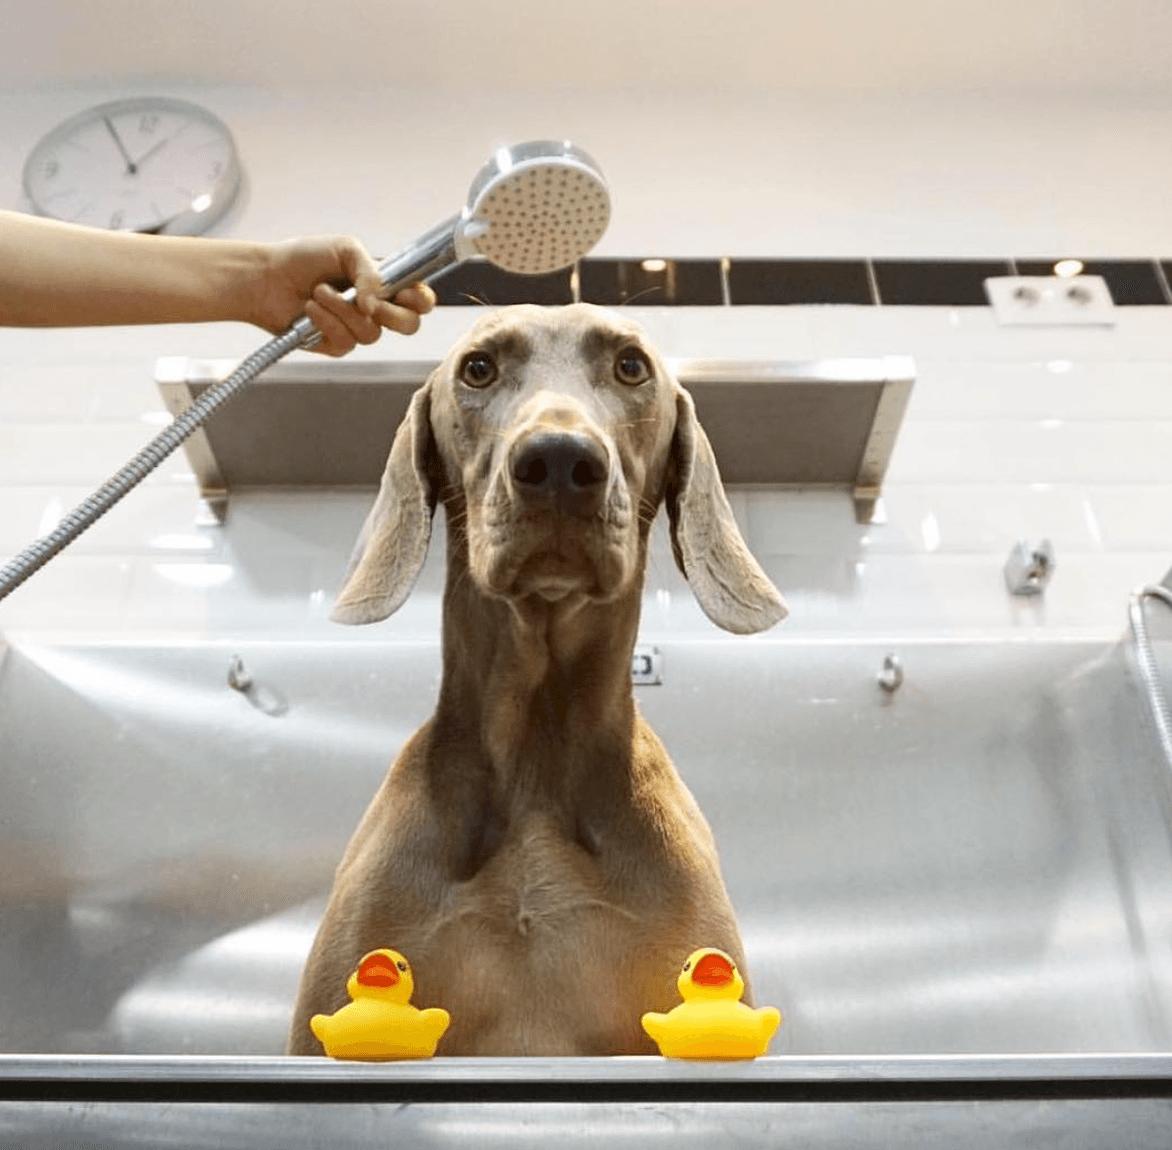 Mums Dogs, peluquería canina forma parte del Club Barcelonette ofreciendo un descuento de 20€ a las socias en el bono mensual de dos sesiones de peluquería por 40€